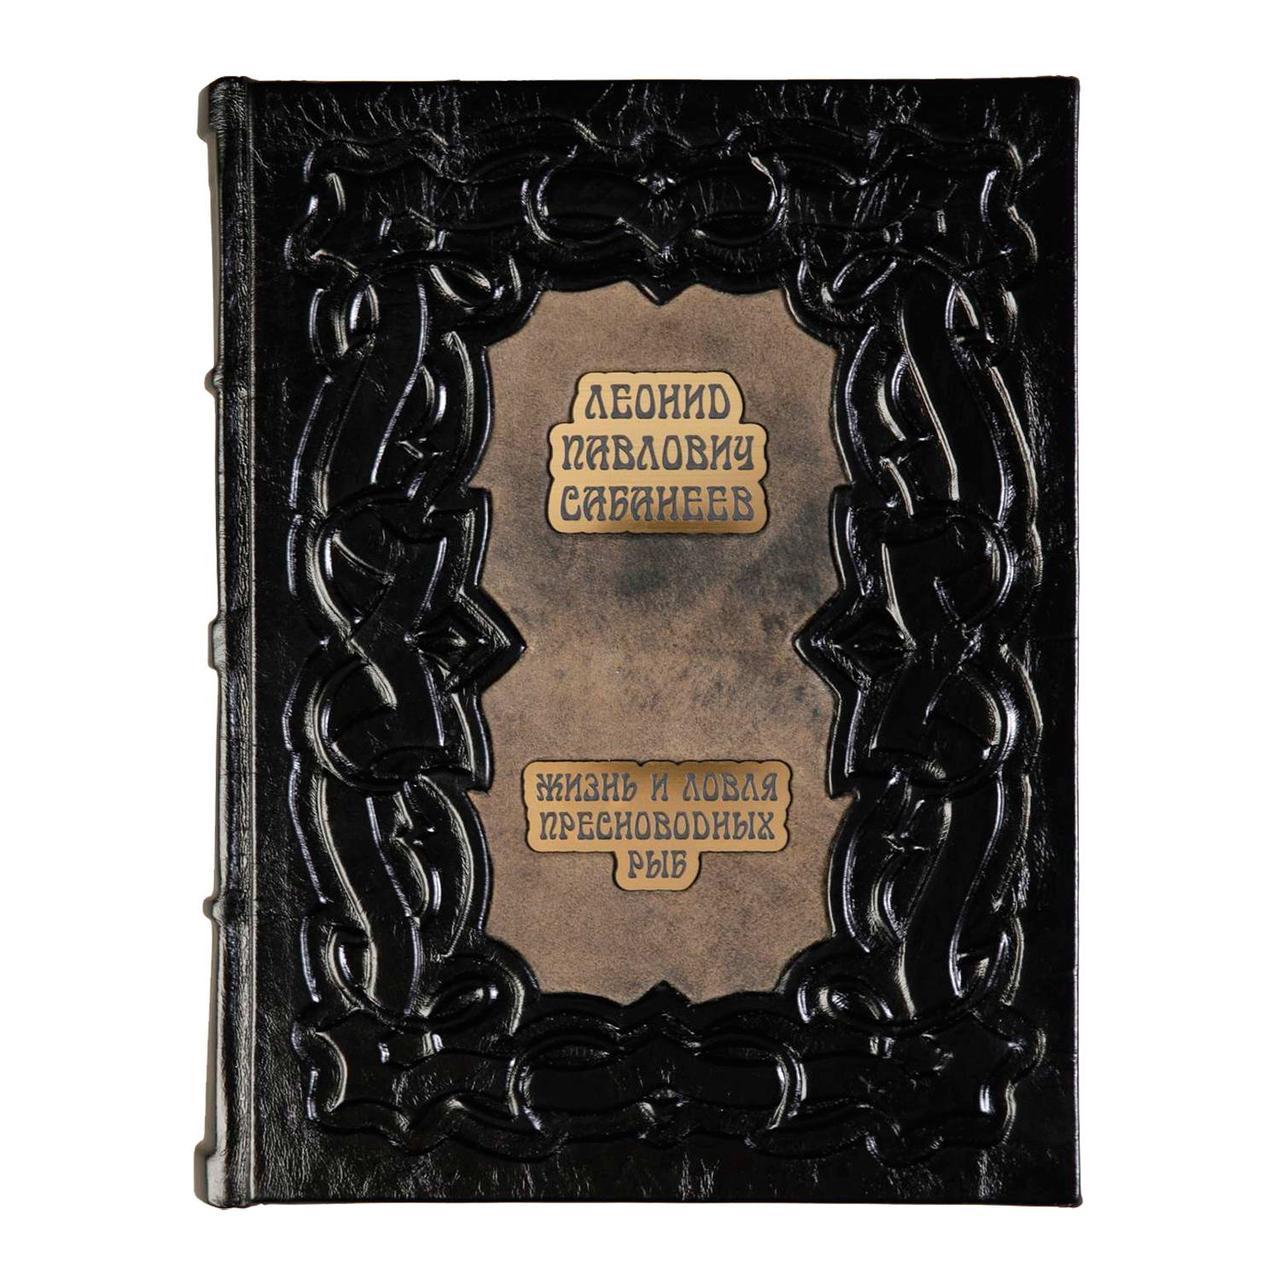 """Книга в шкіряній палітурці """"Життя і ловля прісноводних риб"""" Л. П. Сабанєєв (М1)"""